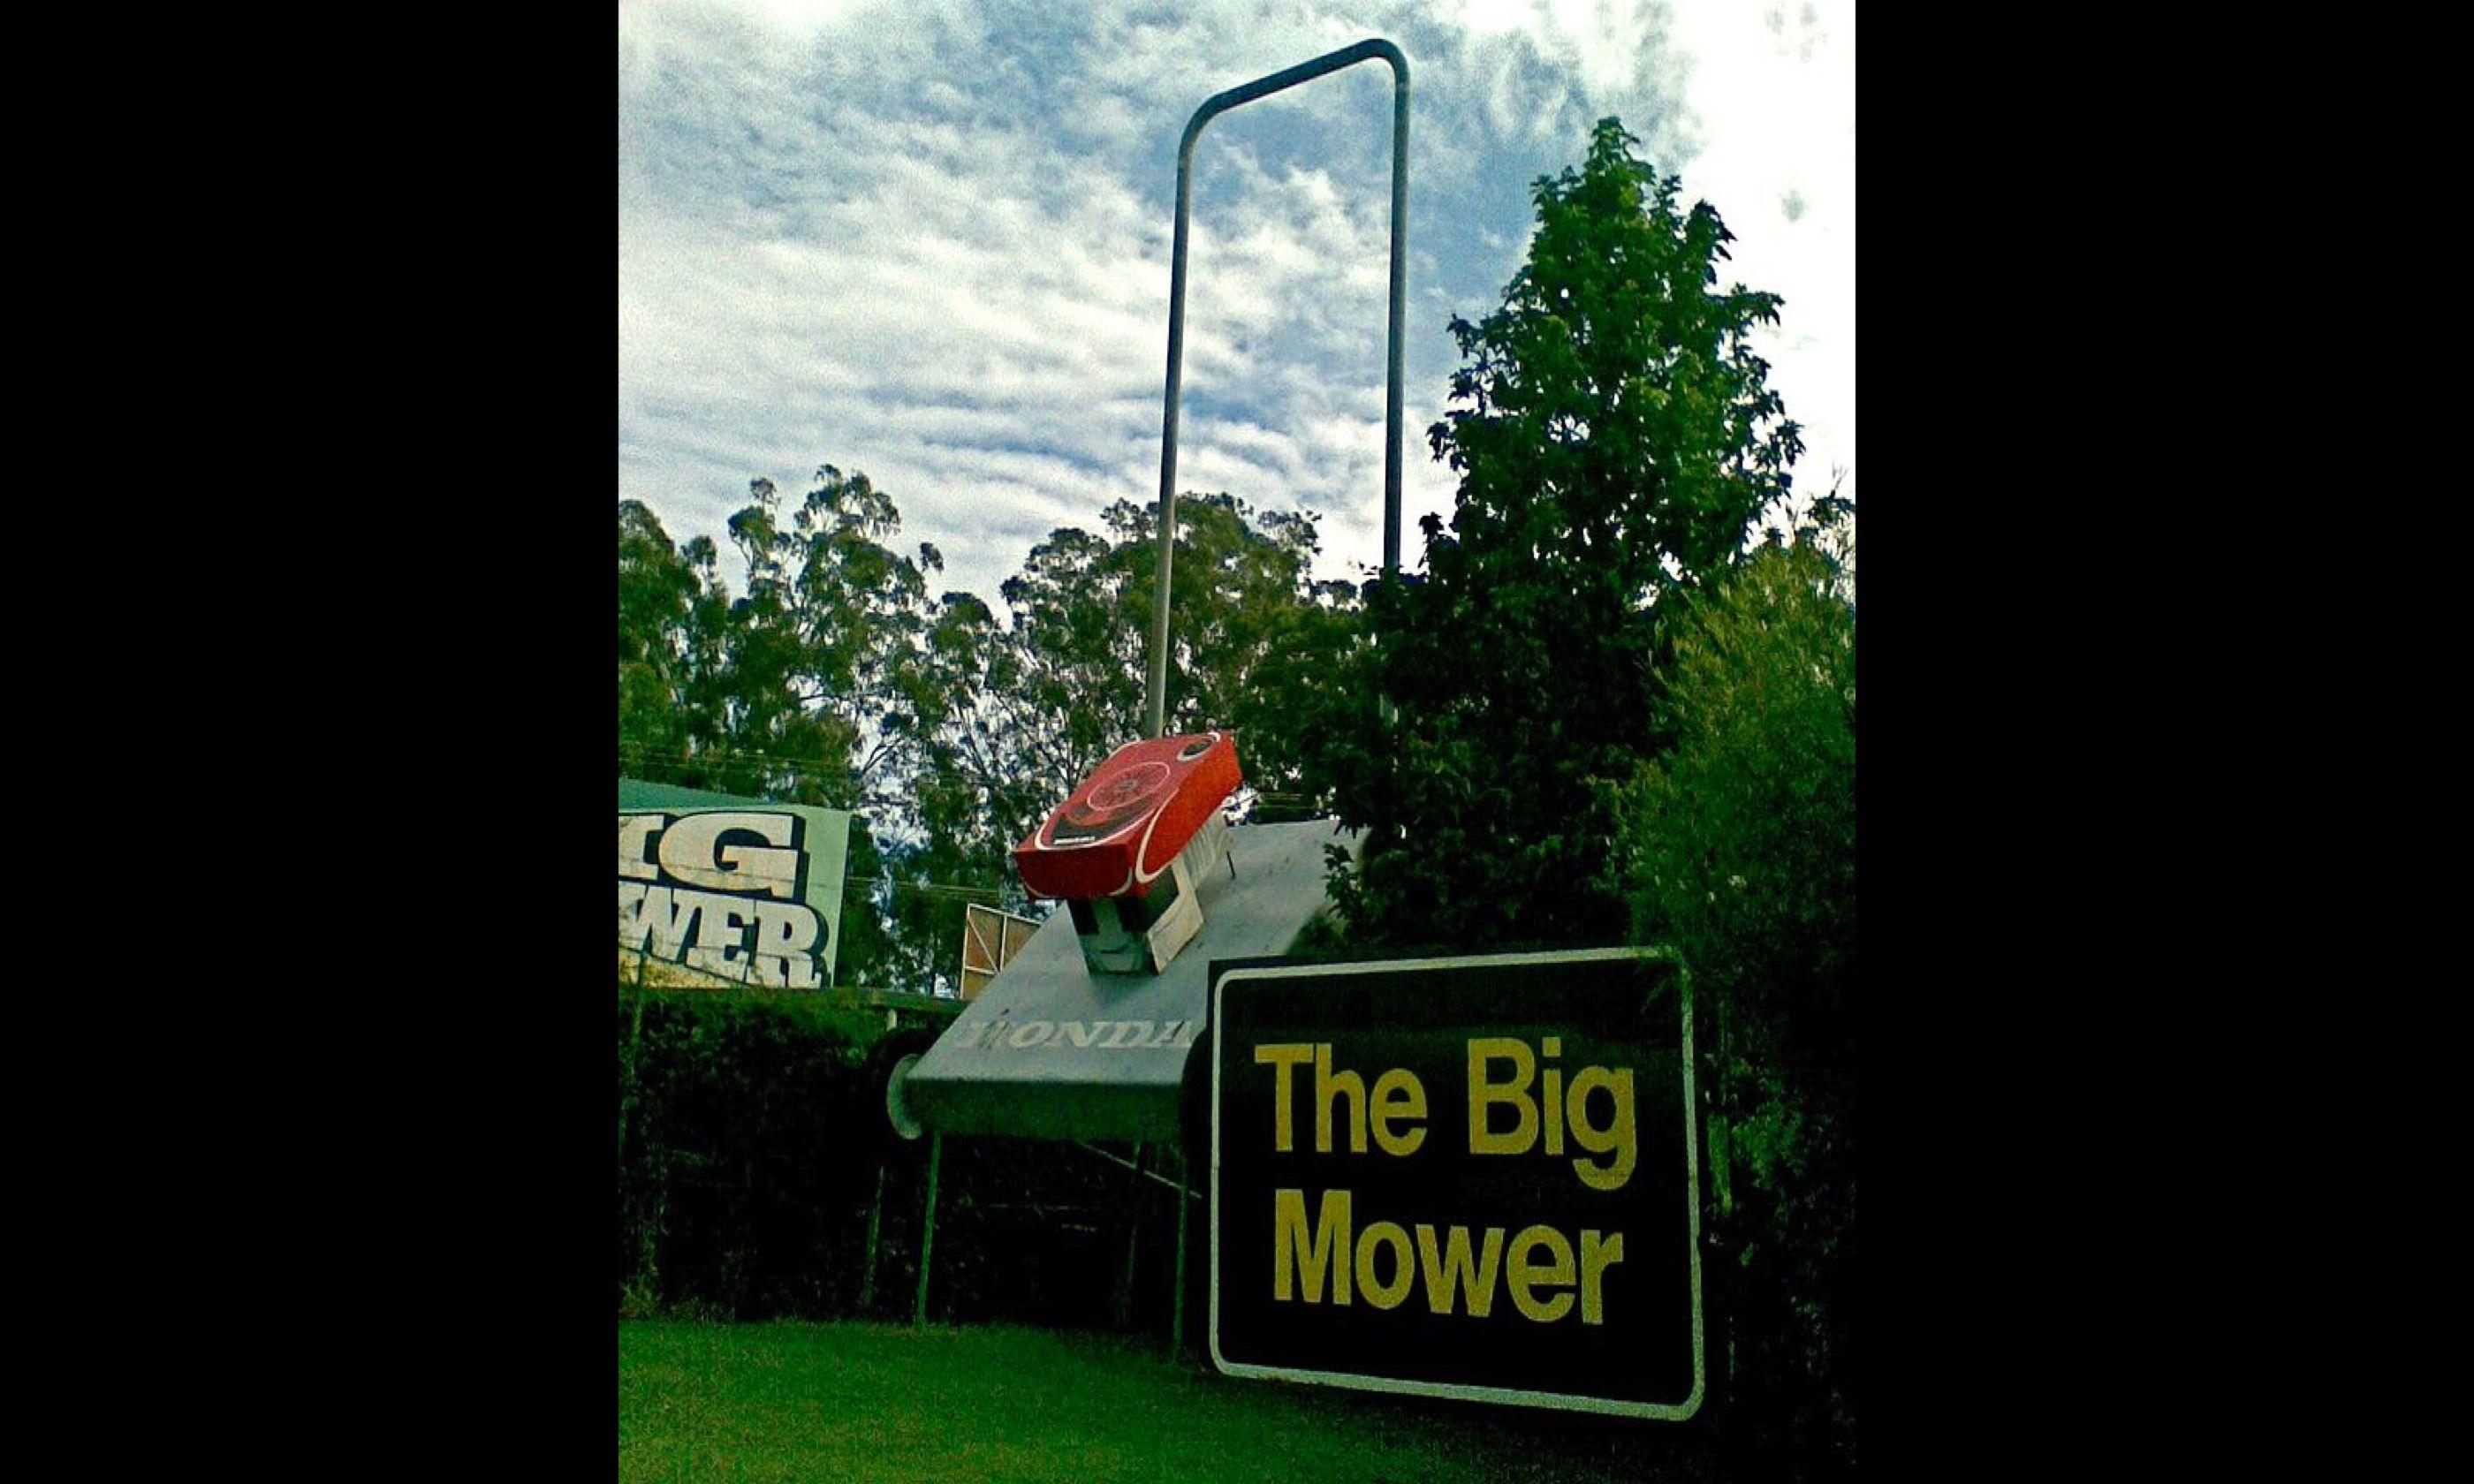 Big Mower (Creative Commons: Stuart Edwards)